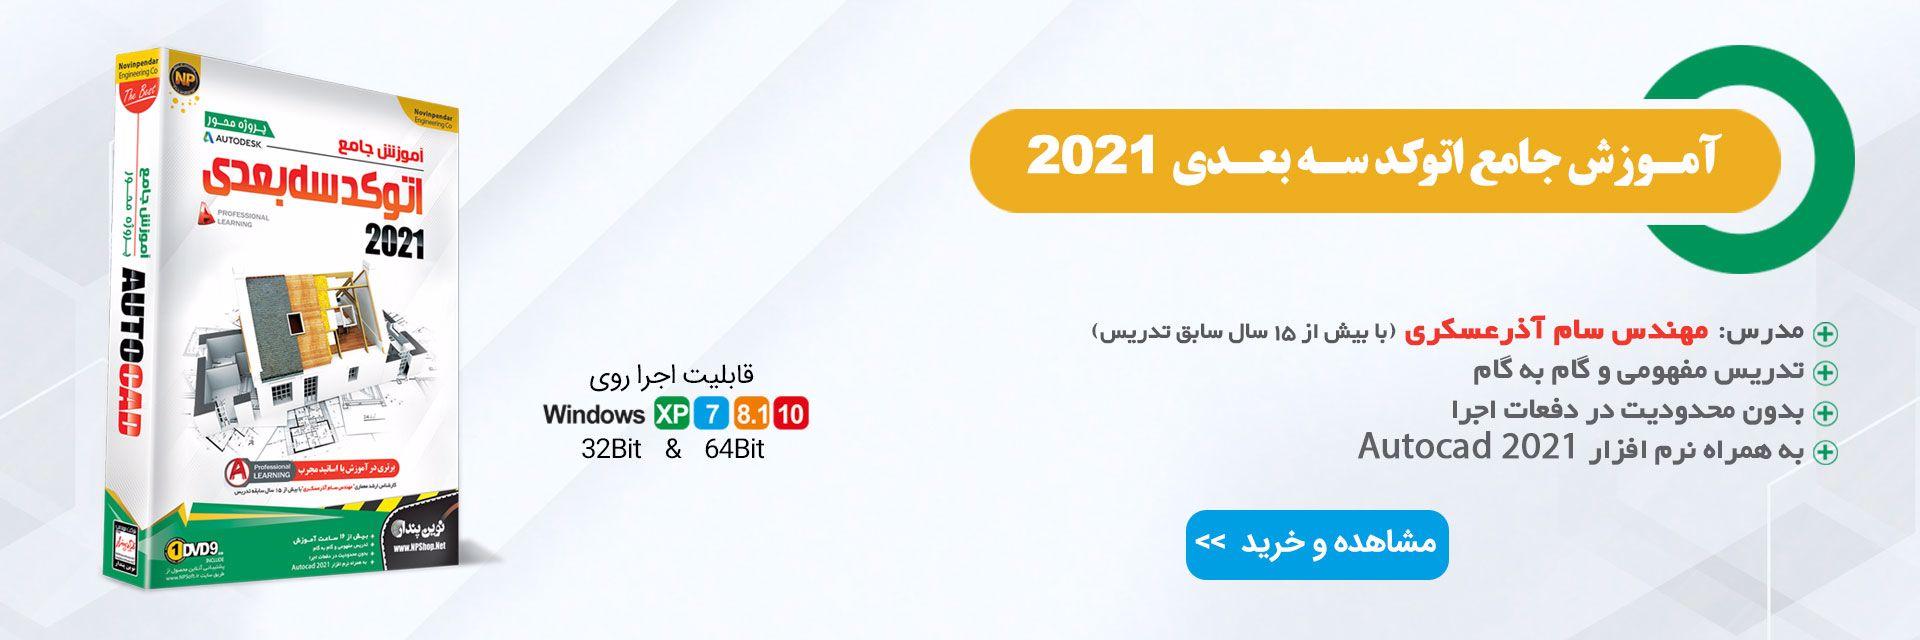 آموزش جامع اتوکد سه بعدی 2021